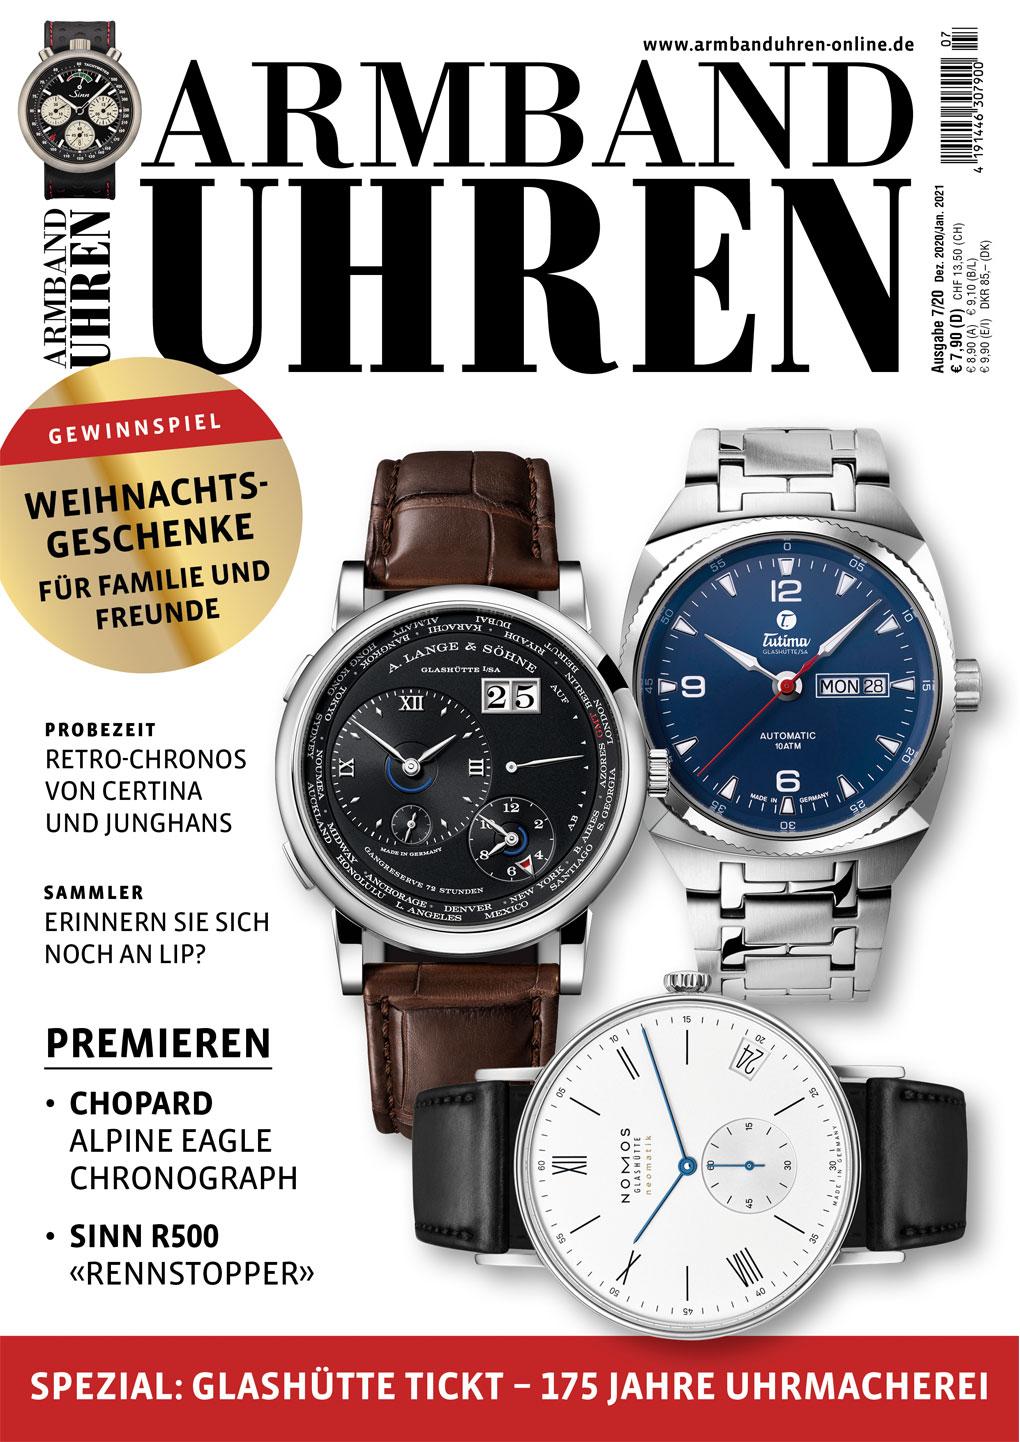 Armbanduhren-7-2020